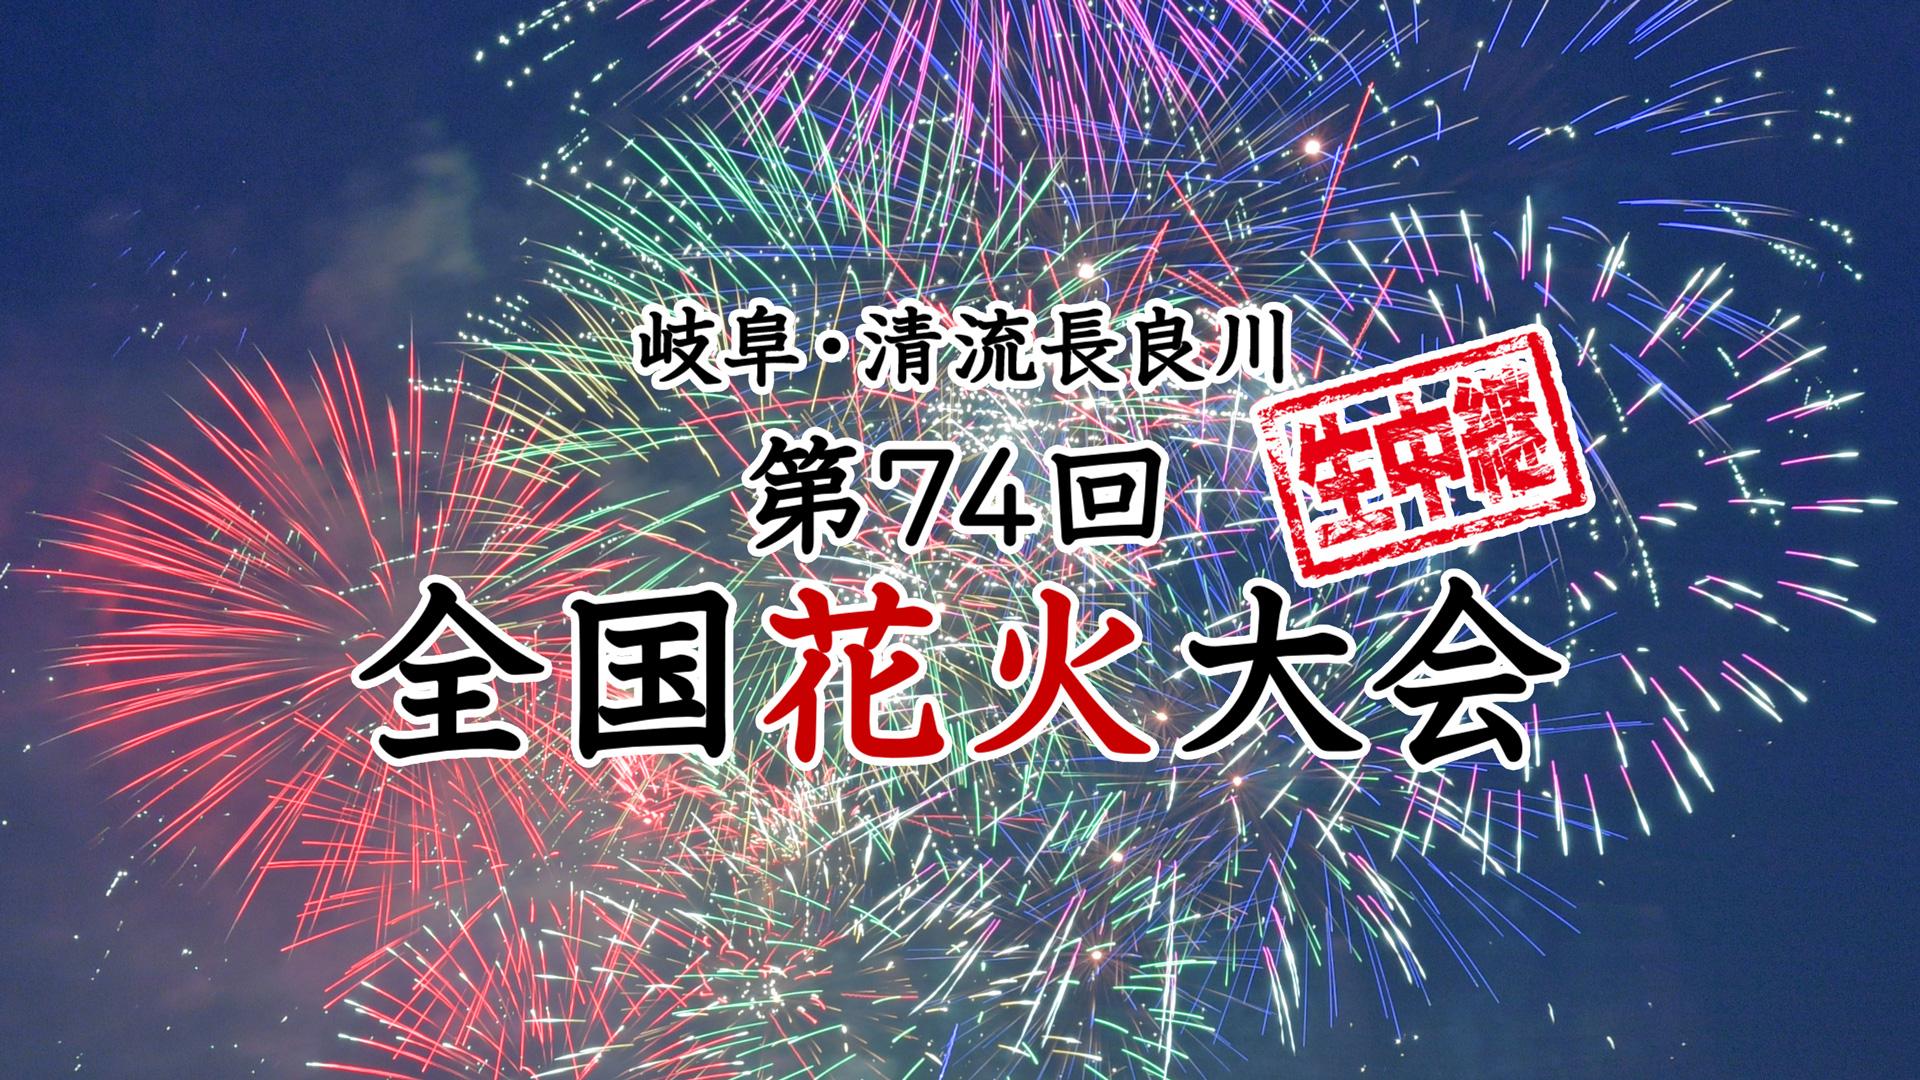 生中継 岐阜・清流長良川 第74回全国花火大会